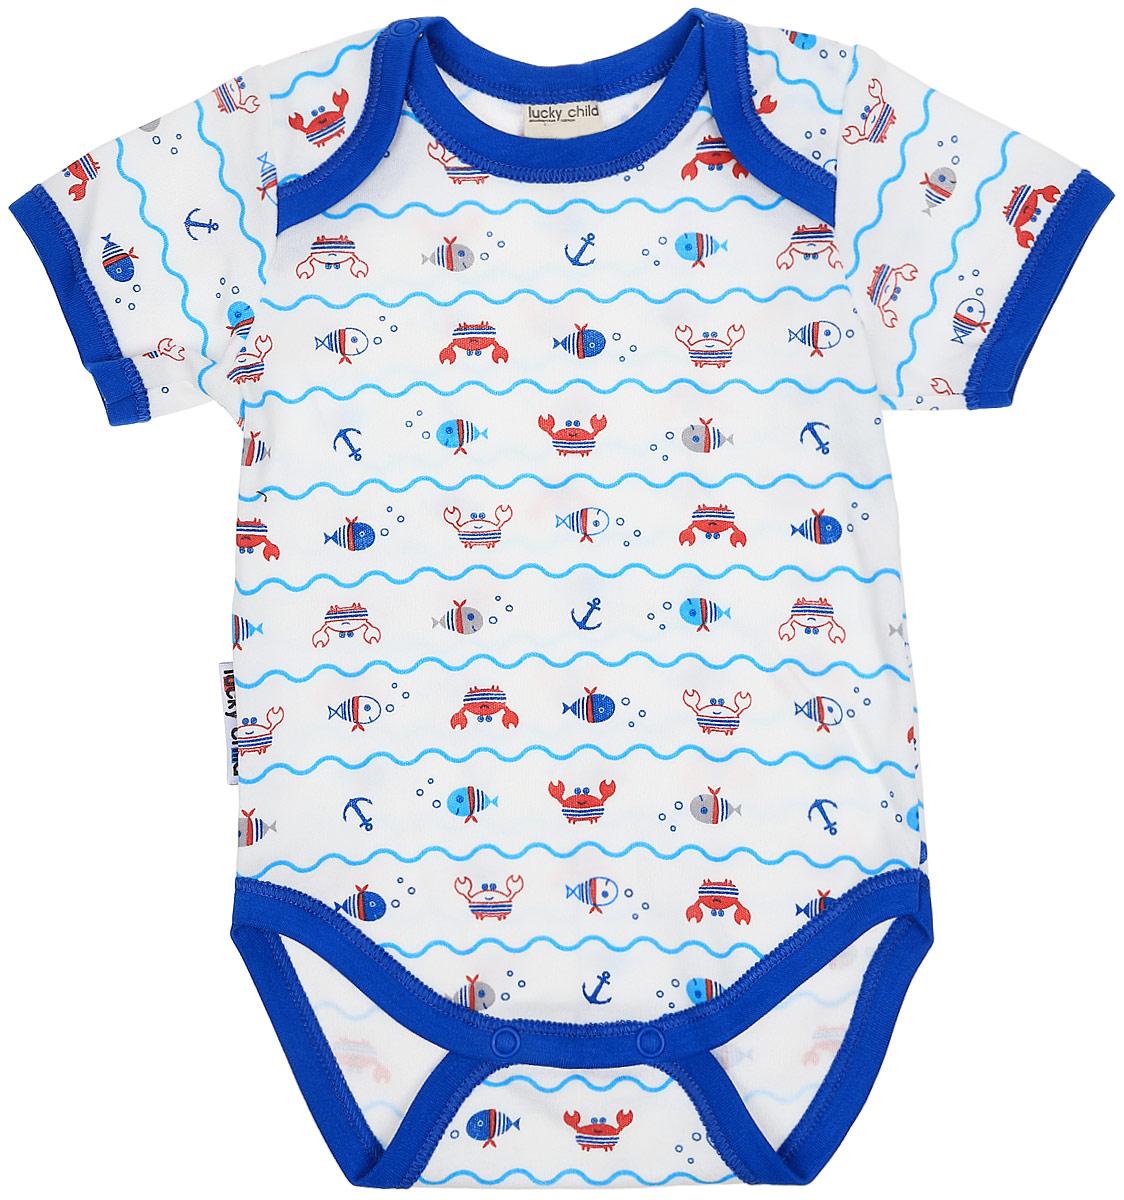 Боди детское Luky Child, цвет: молочный, синий. А5-119/цв. Размер 80/86 боди детское luky child цвет серый а2 105 цв размер 80 86